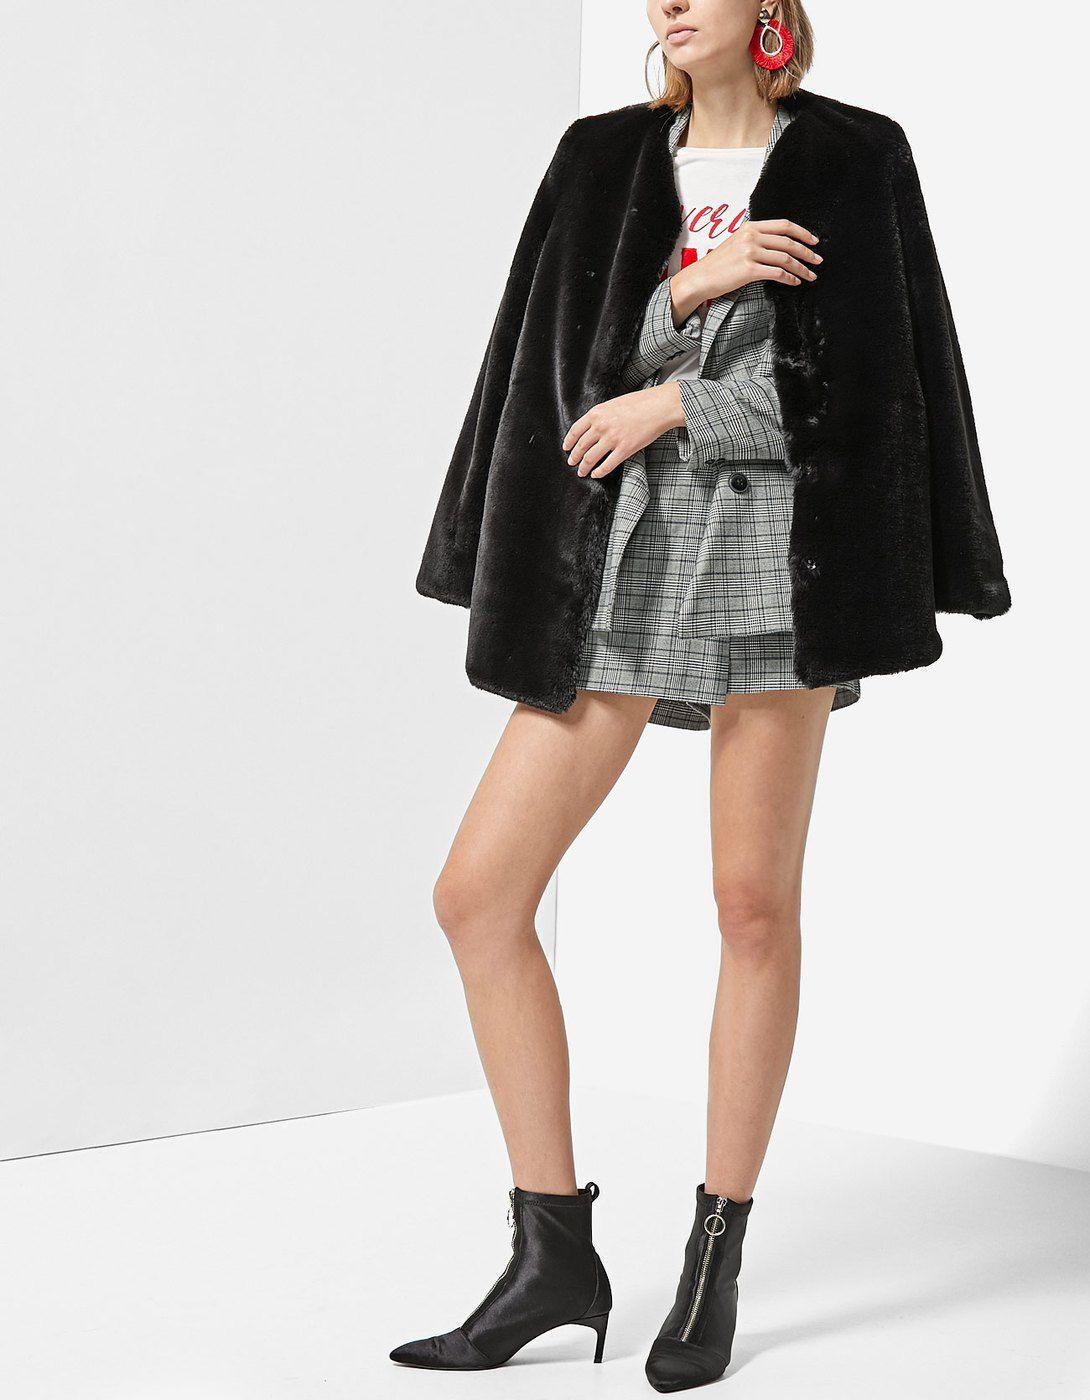 le prix reste stable chaussures authentiques acheter populaire Manteau fausse fourrure douce - Vestes fourrure synthétique ...